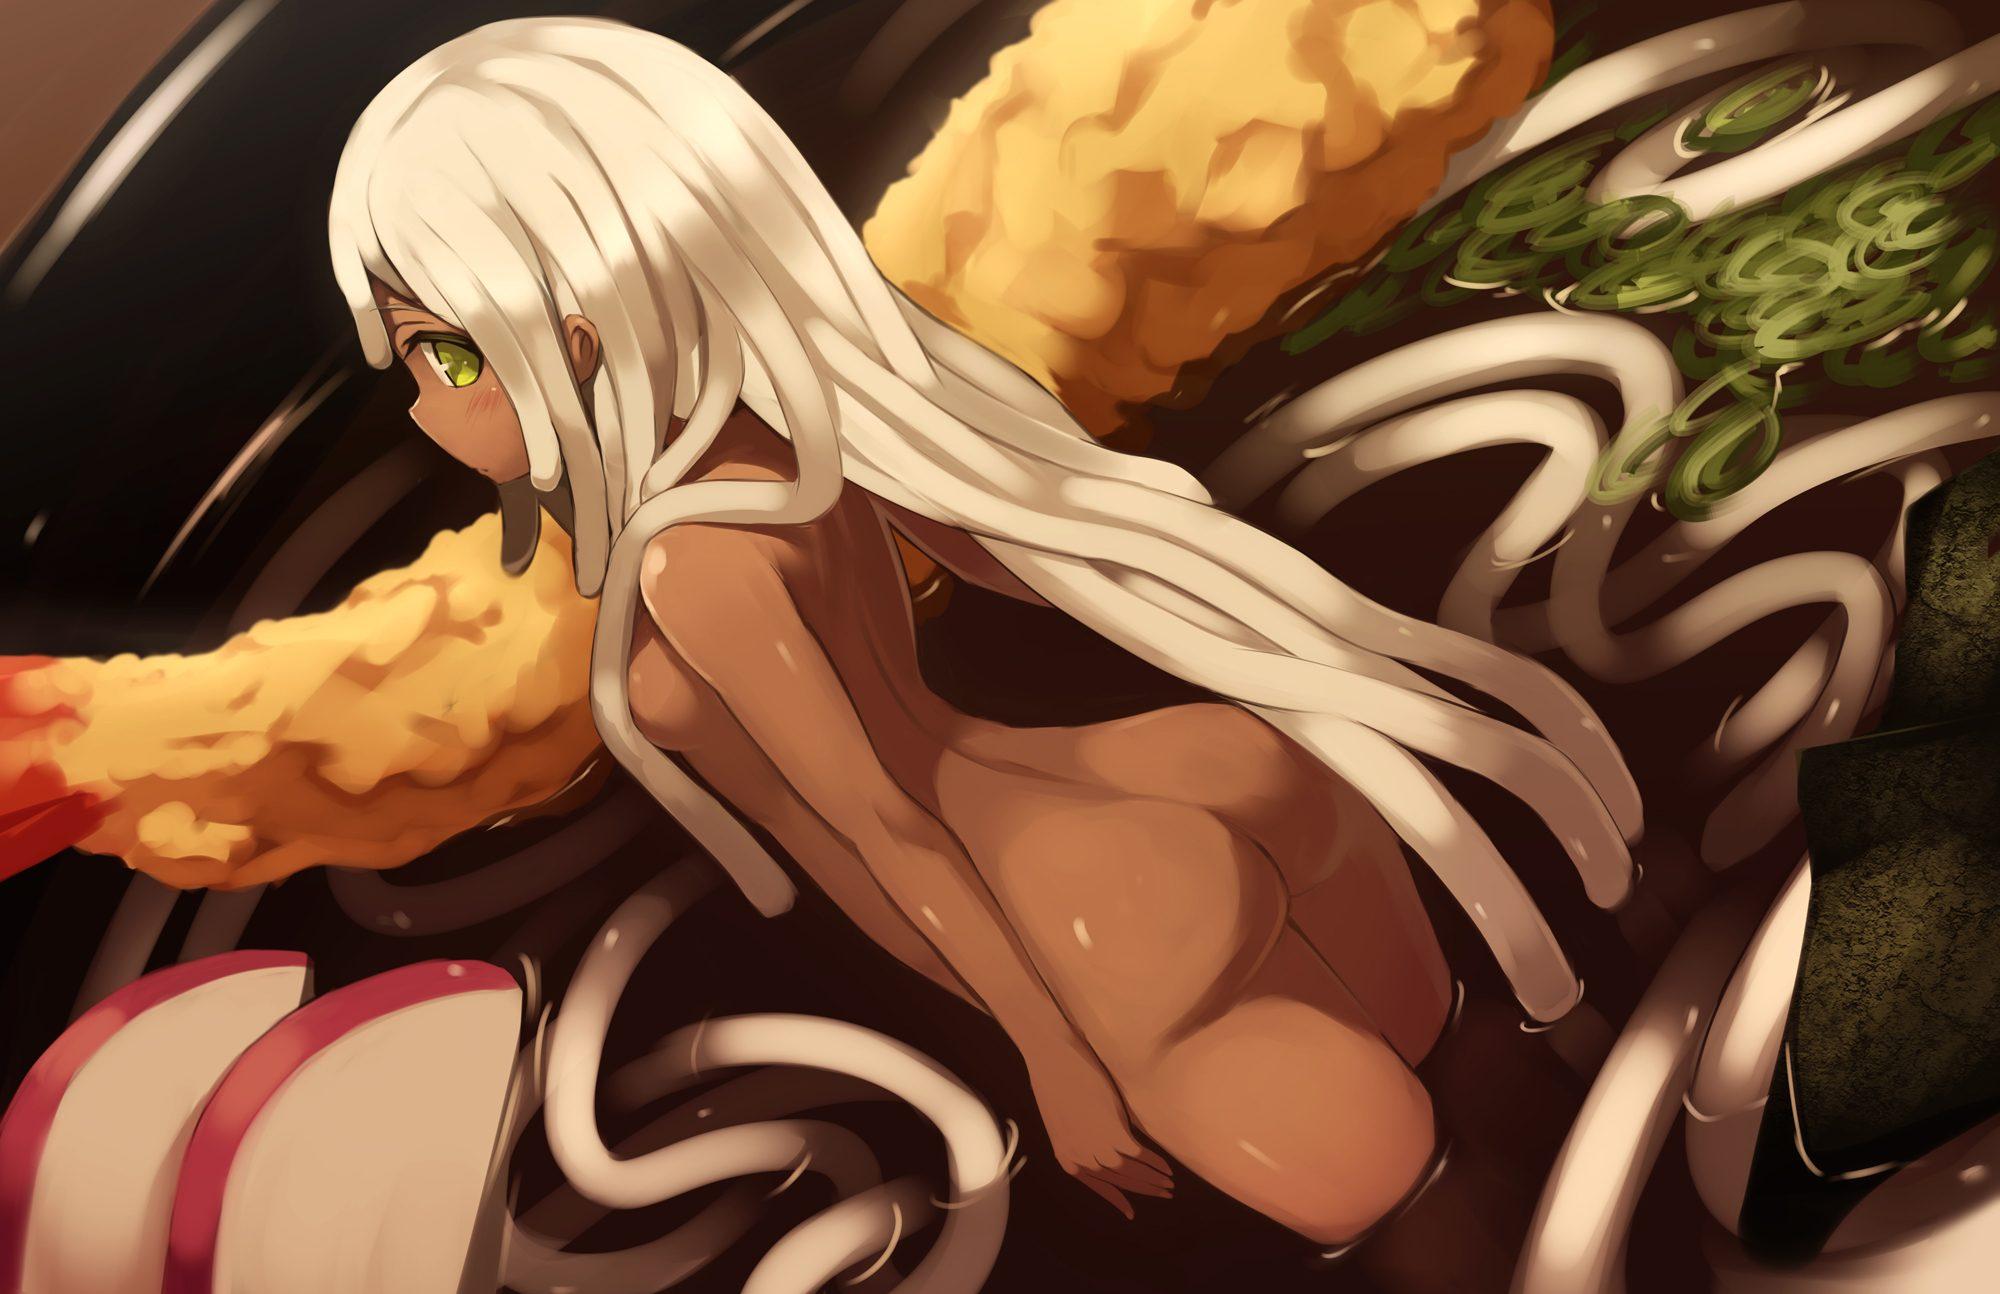 скачать голые картинки аниме: